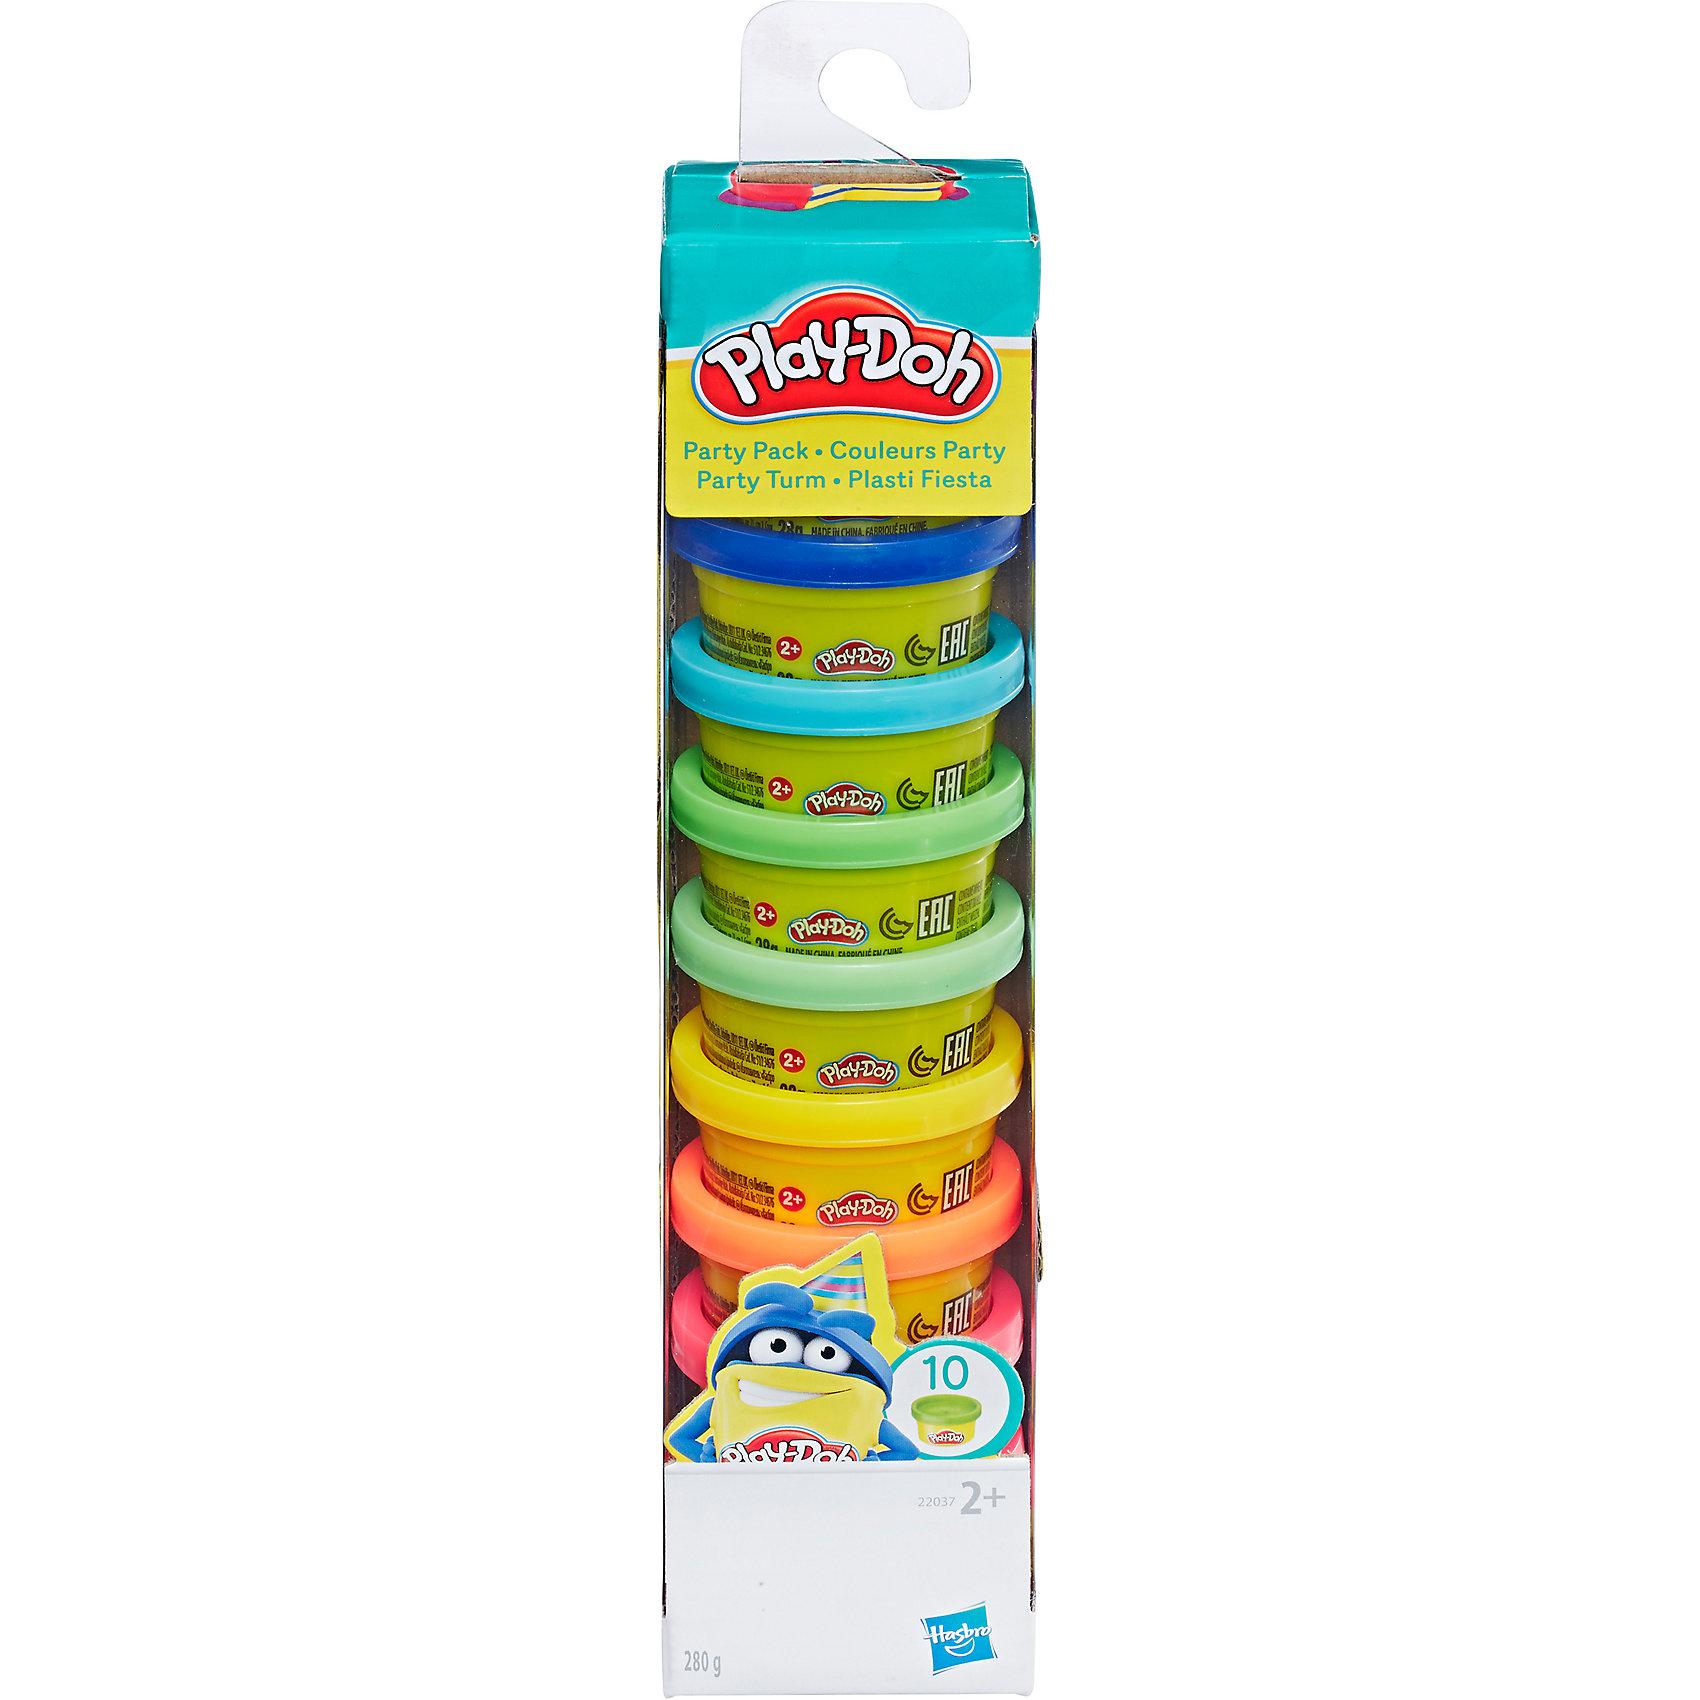 Hasbro Башня для вечеринки Play-Doh hasbro башня для вечеринки play doh